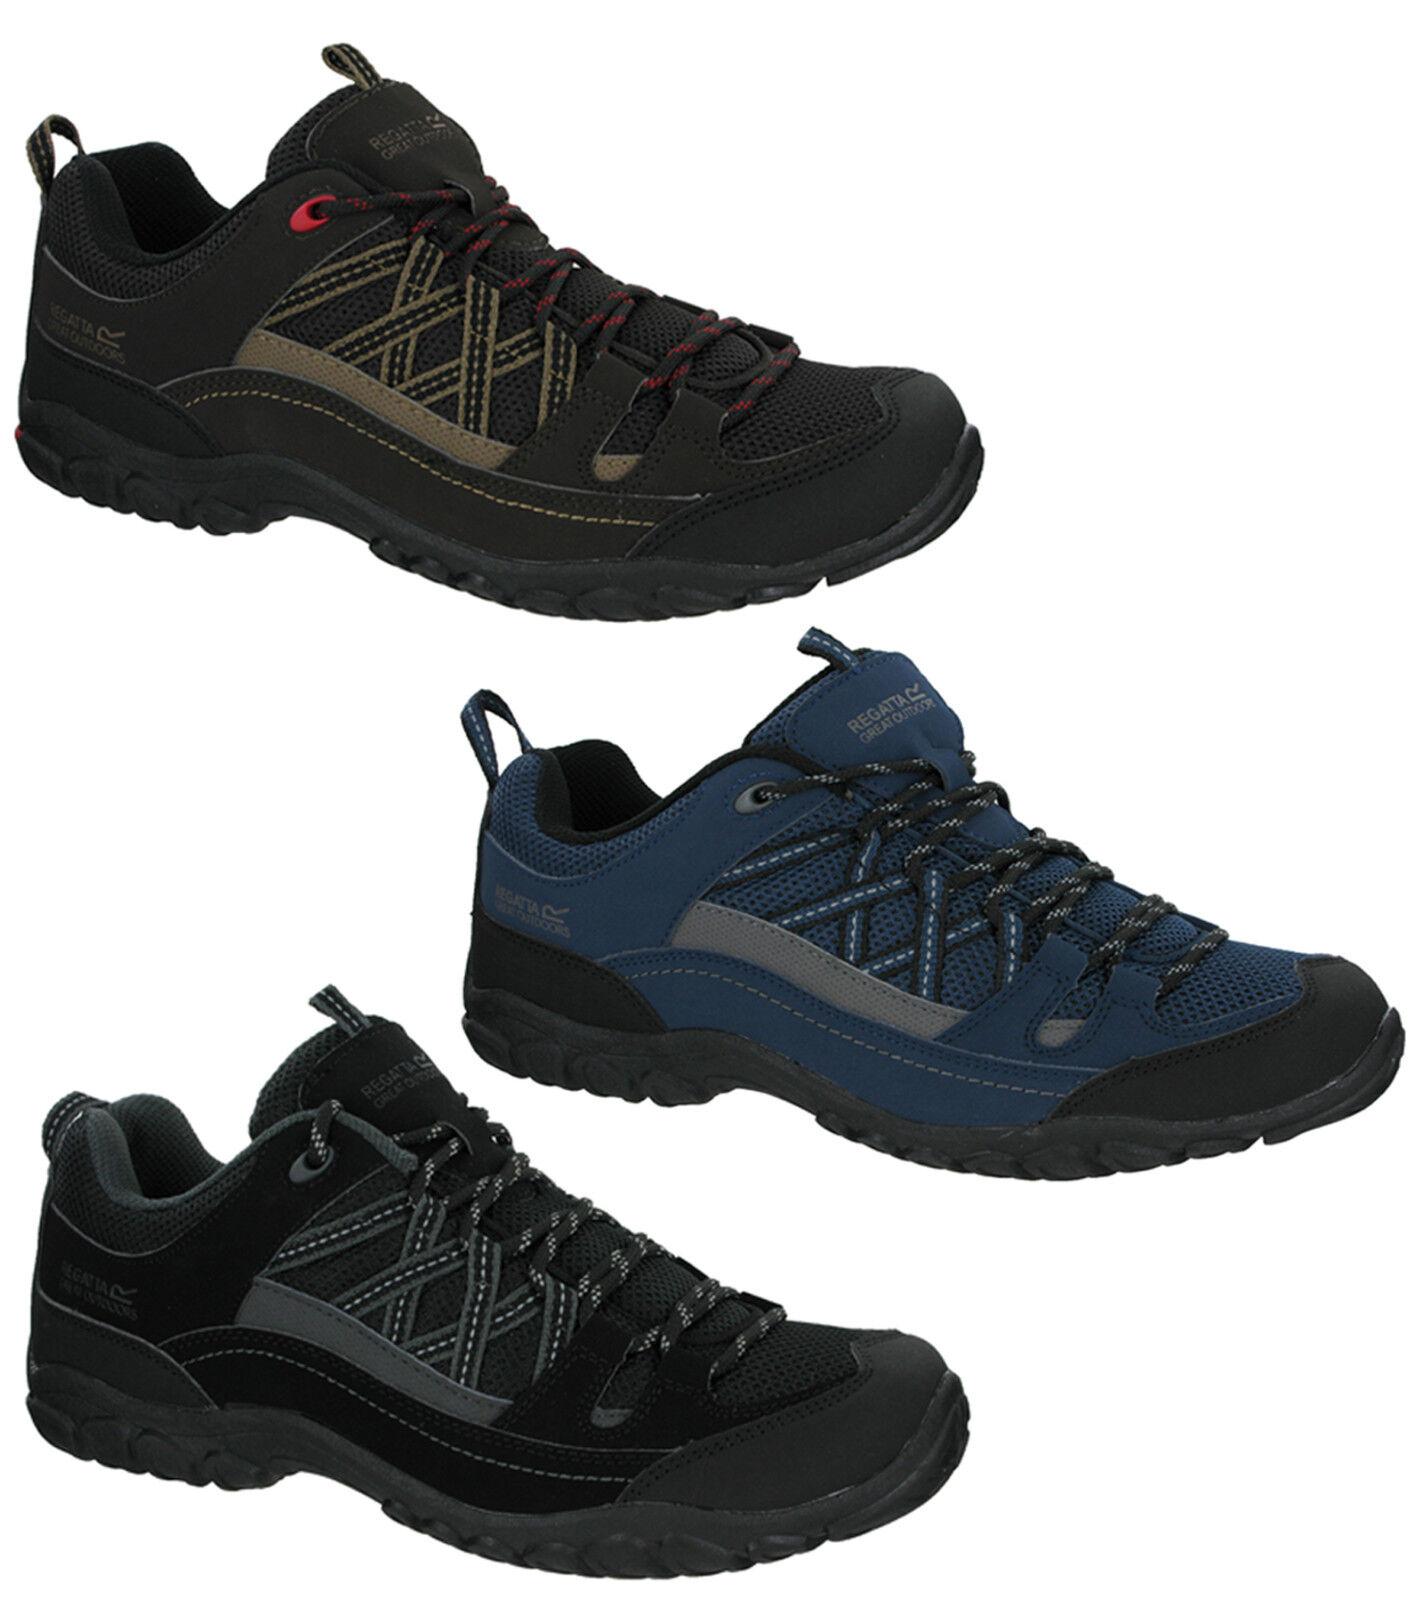 Detalles de Regatta Edgepoint II Low Para Hombre Caminar Trail Hiking Encaje Zapatillas Zapatos UK 7 12 ver título original